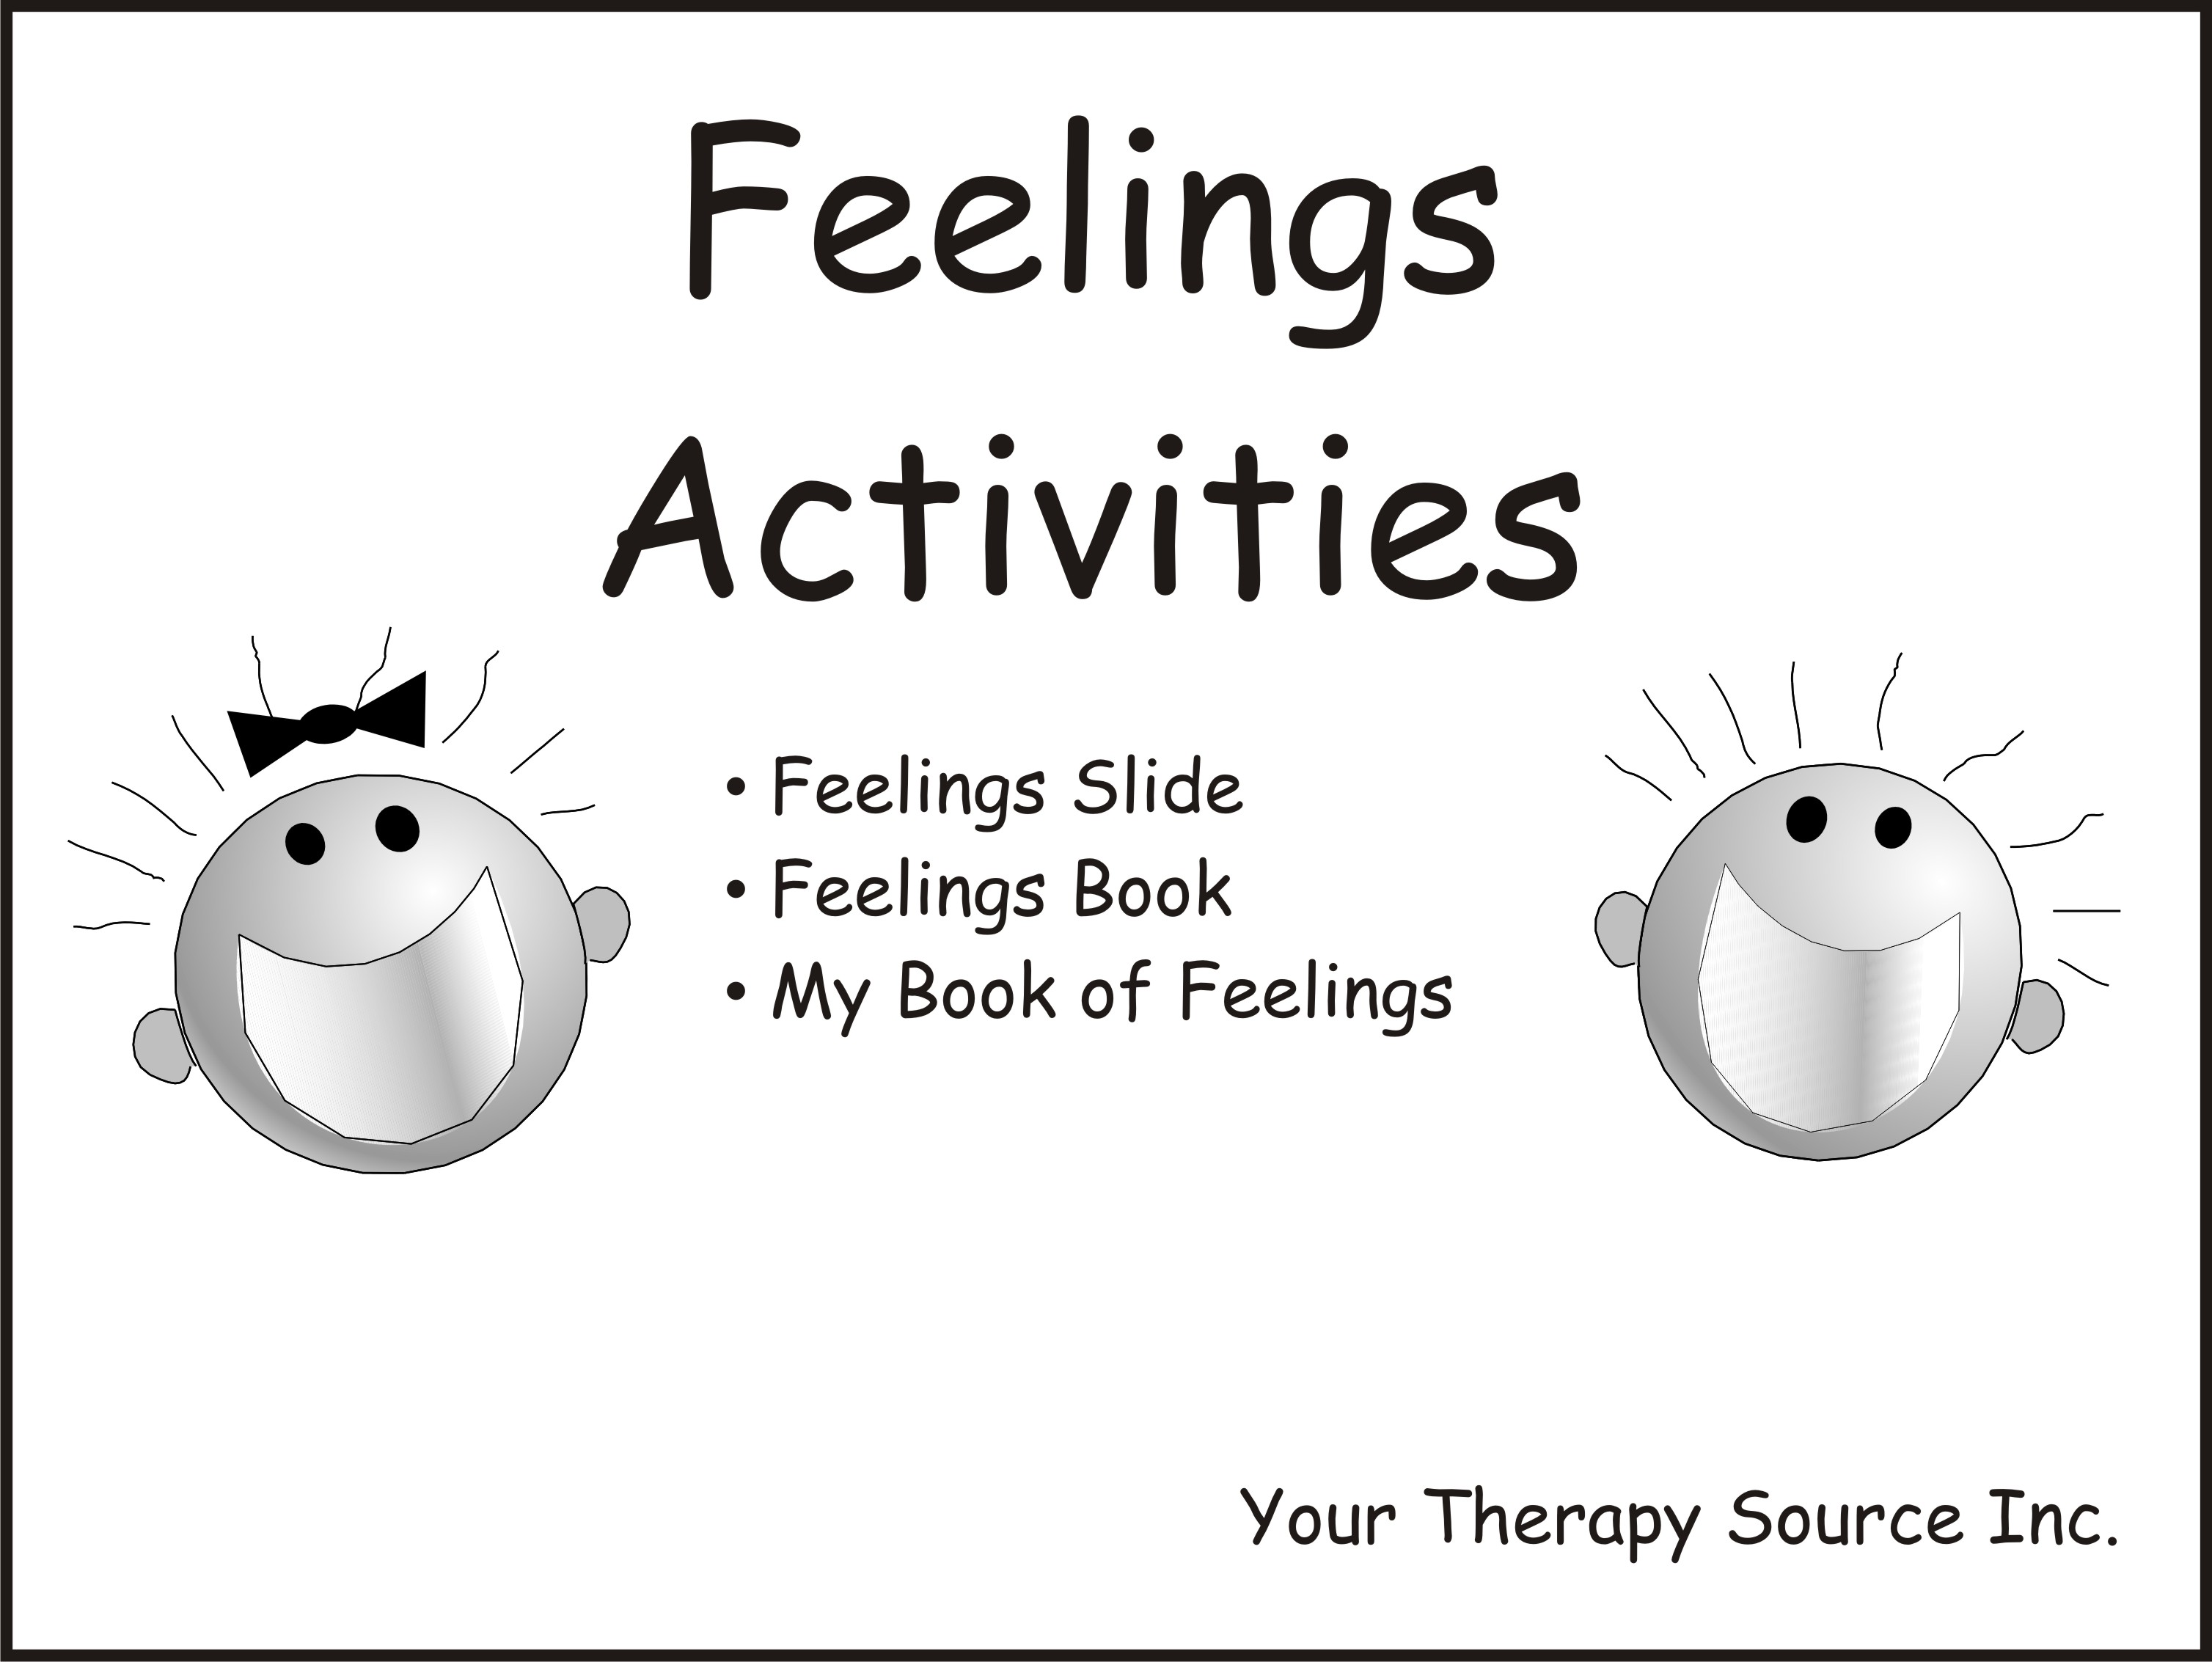 photo regarding Feelings Book Printable identified as Emotions Functions